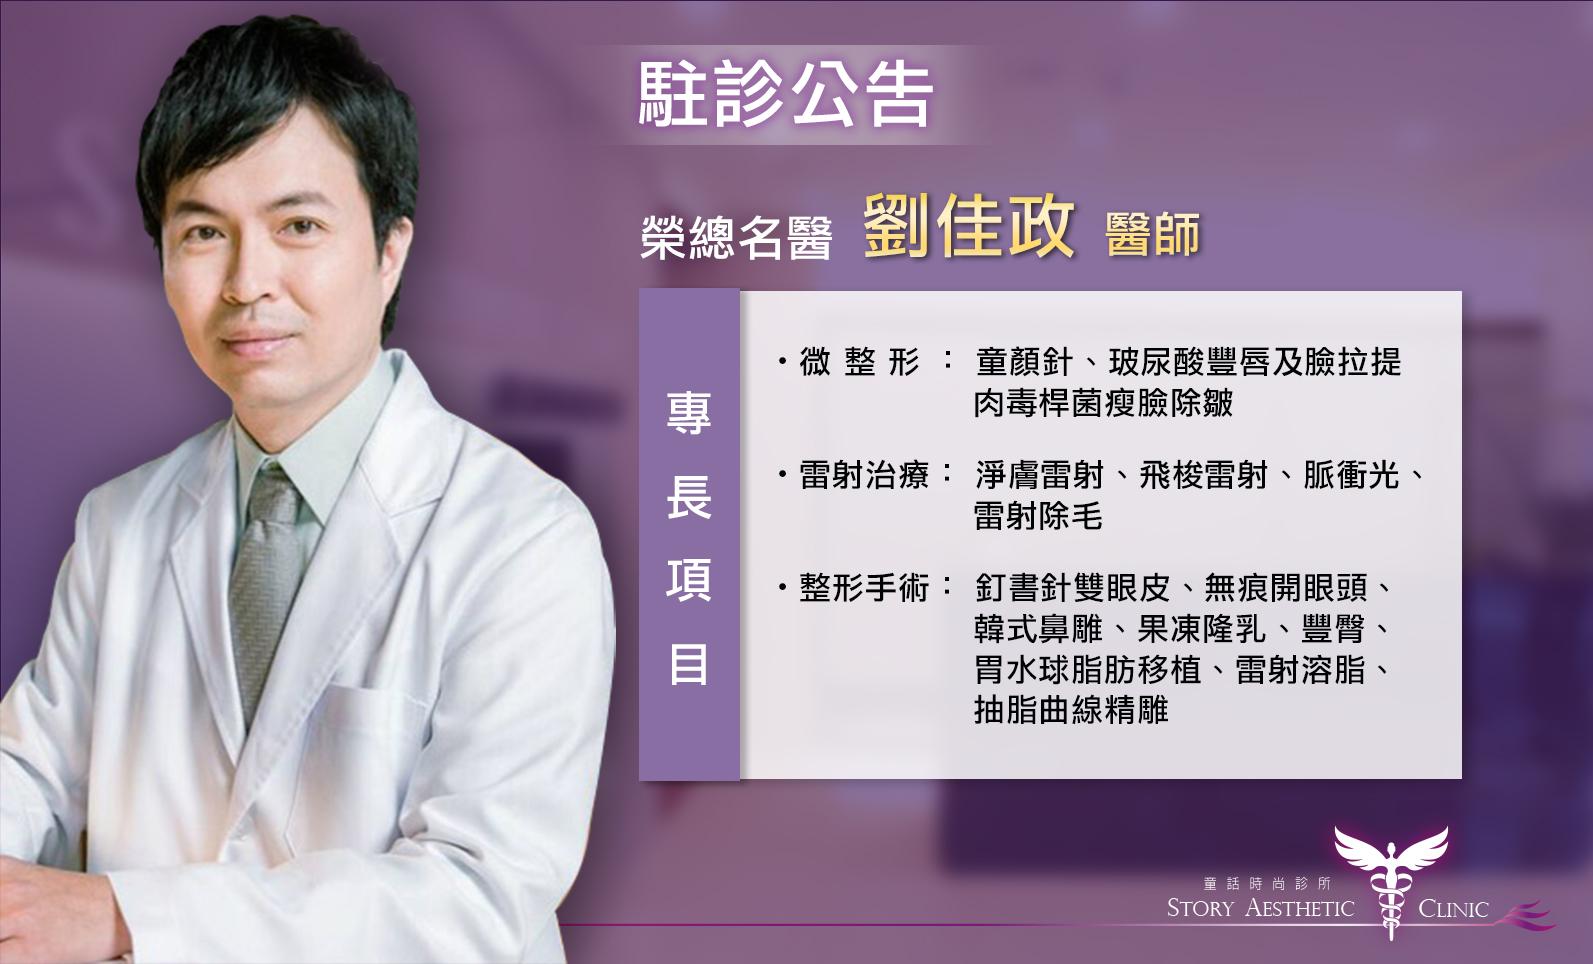 劉佳政醫師駐診公告